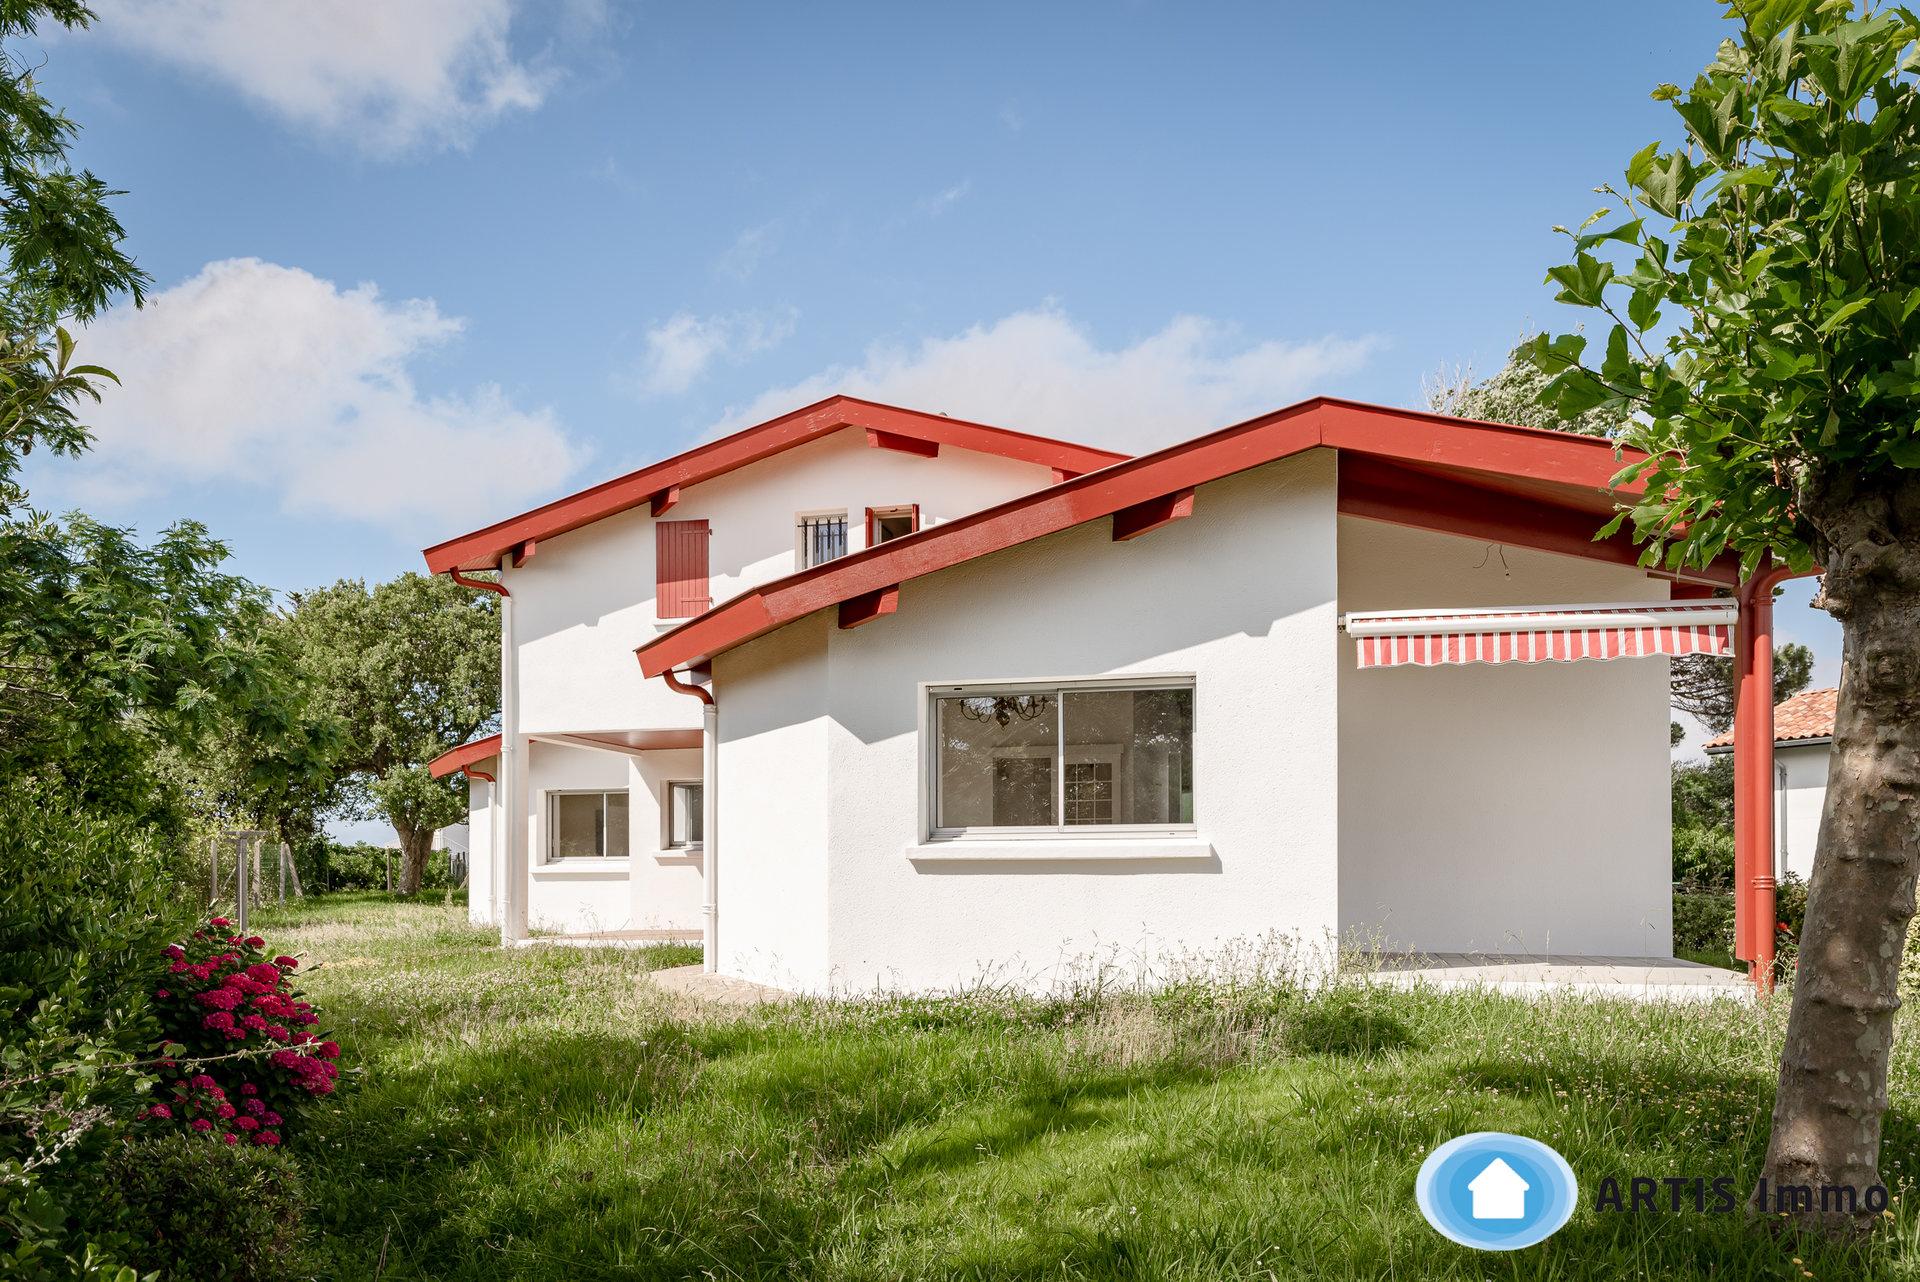 Maison idéale famille BIDART PLAGE PLATEAU